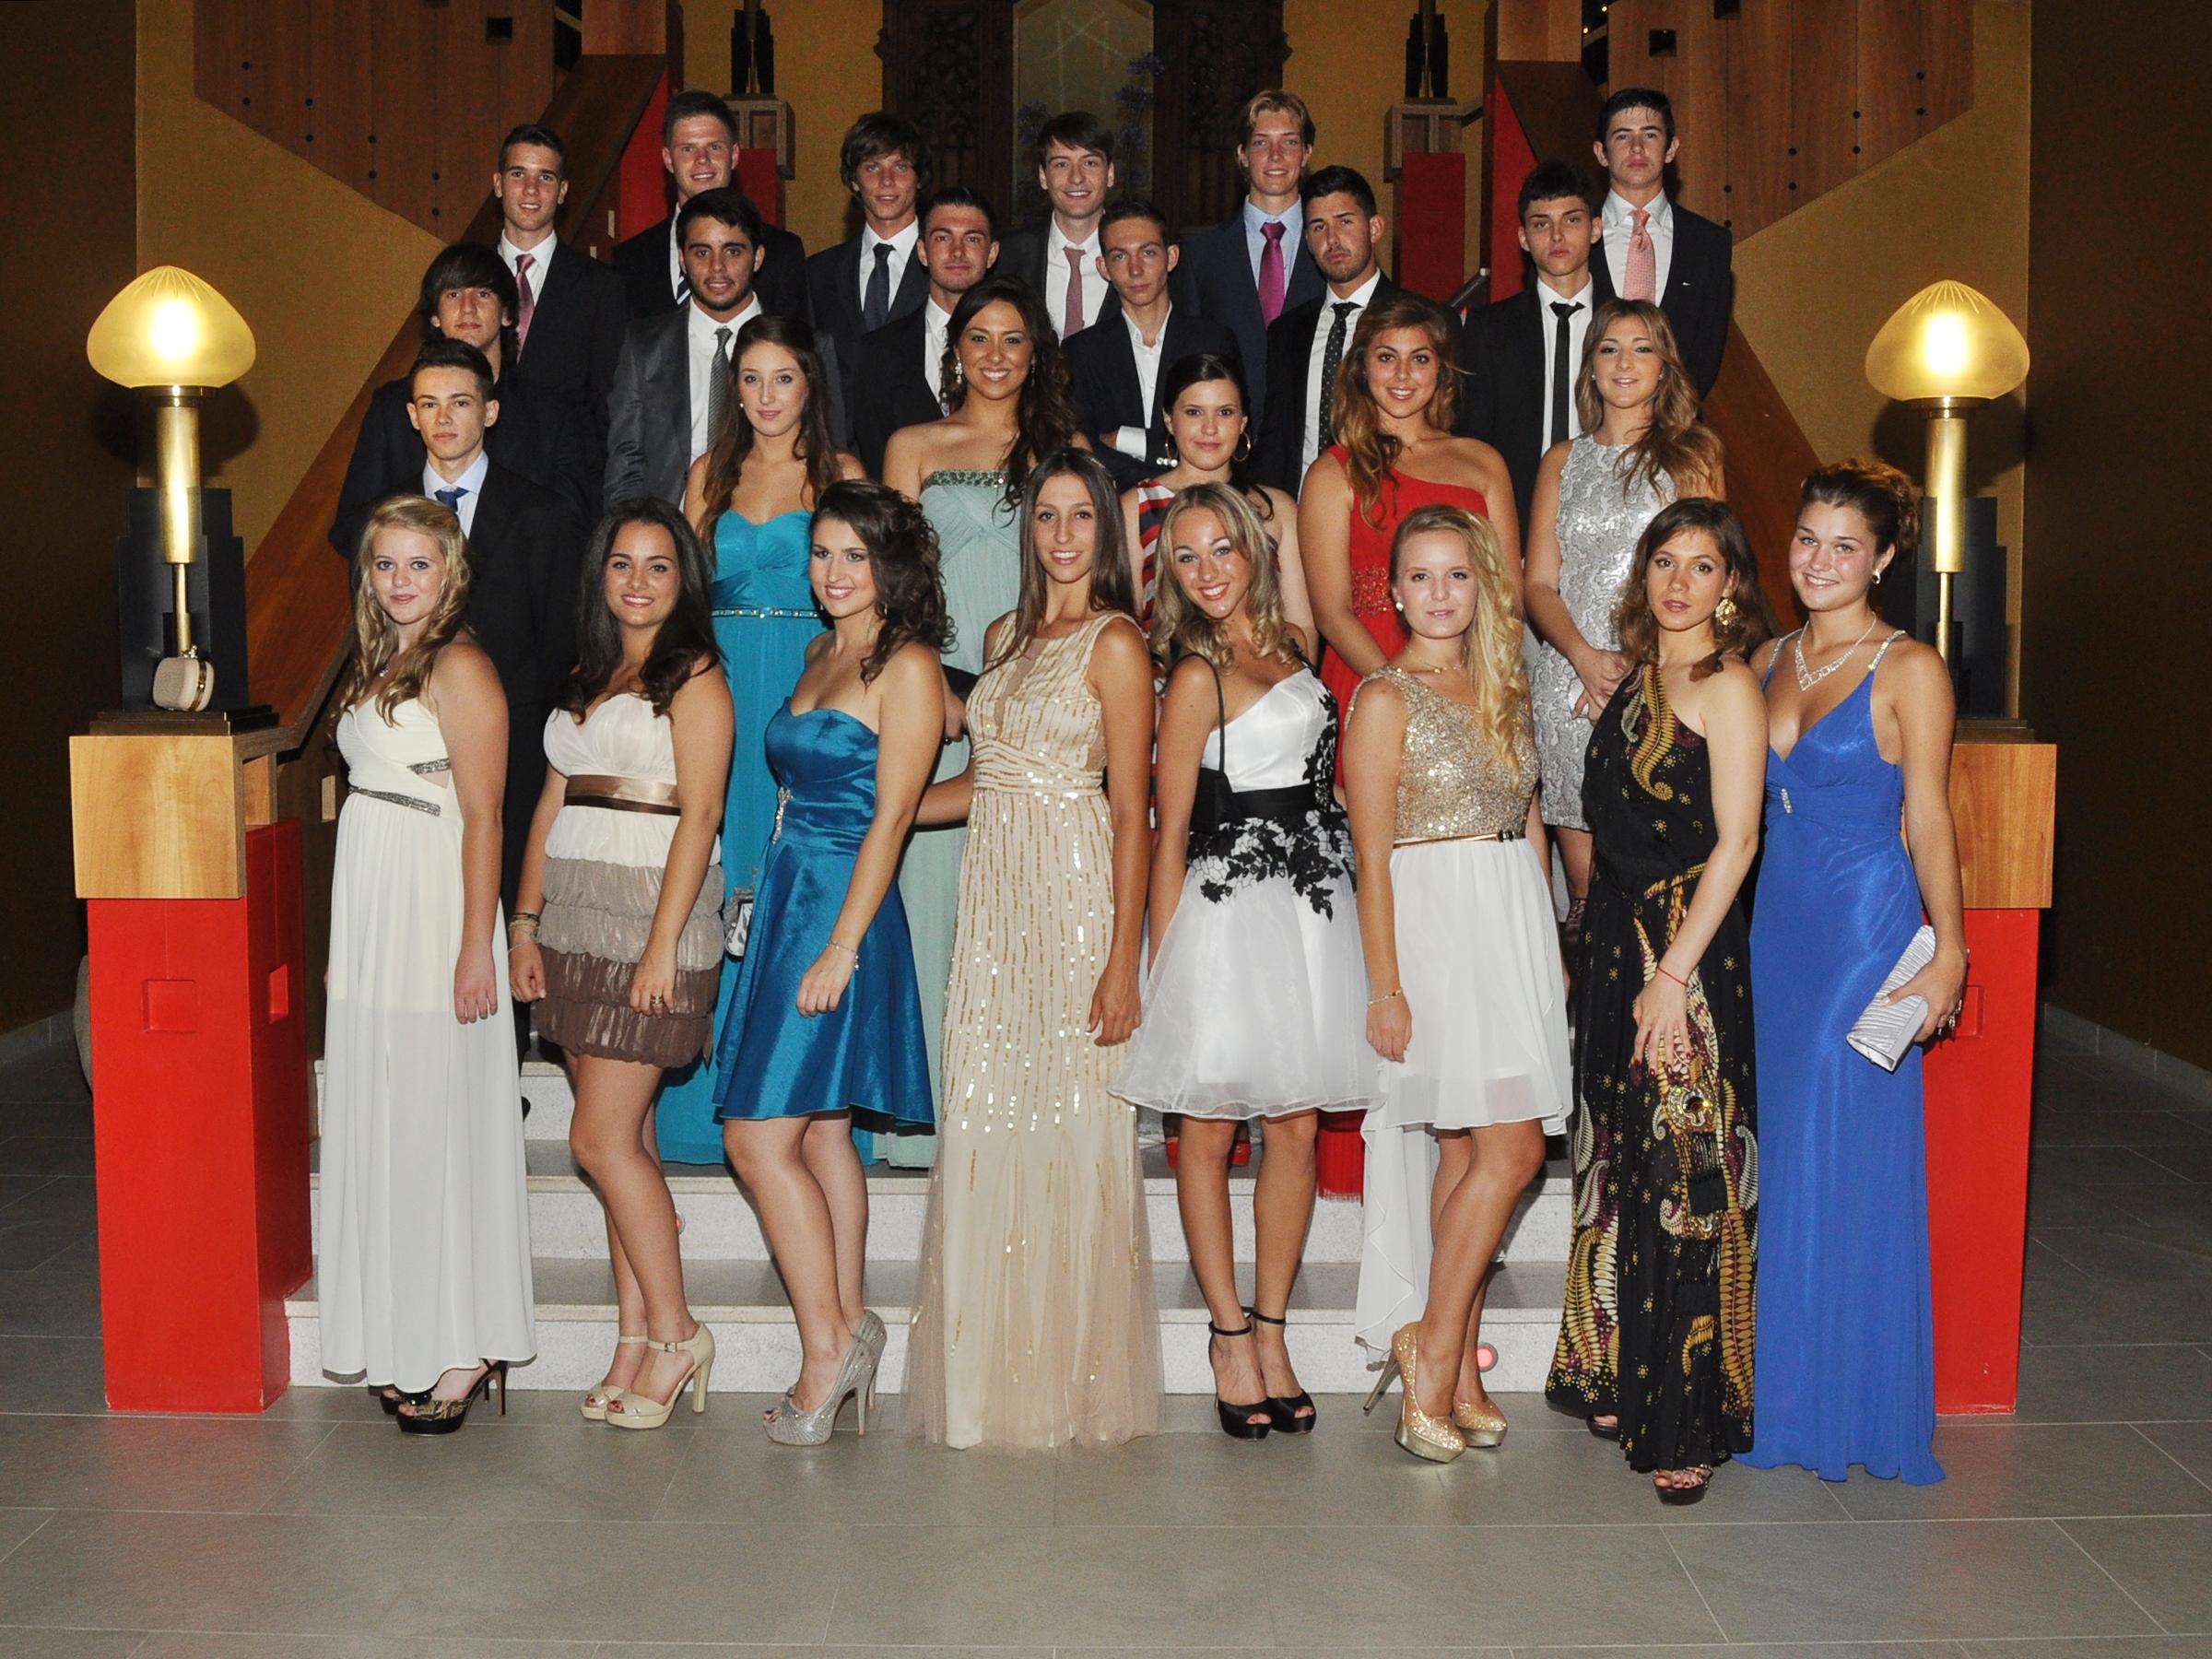 Graduación 2013 - Colegio Internacional Costa Adeje